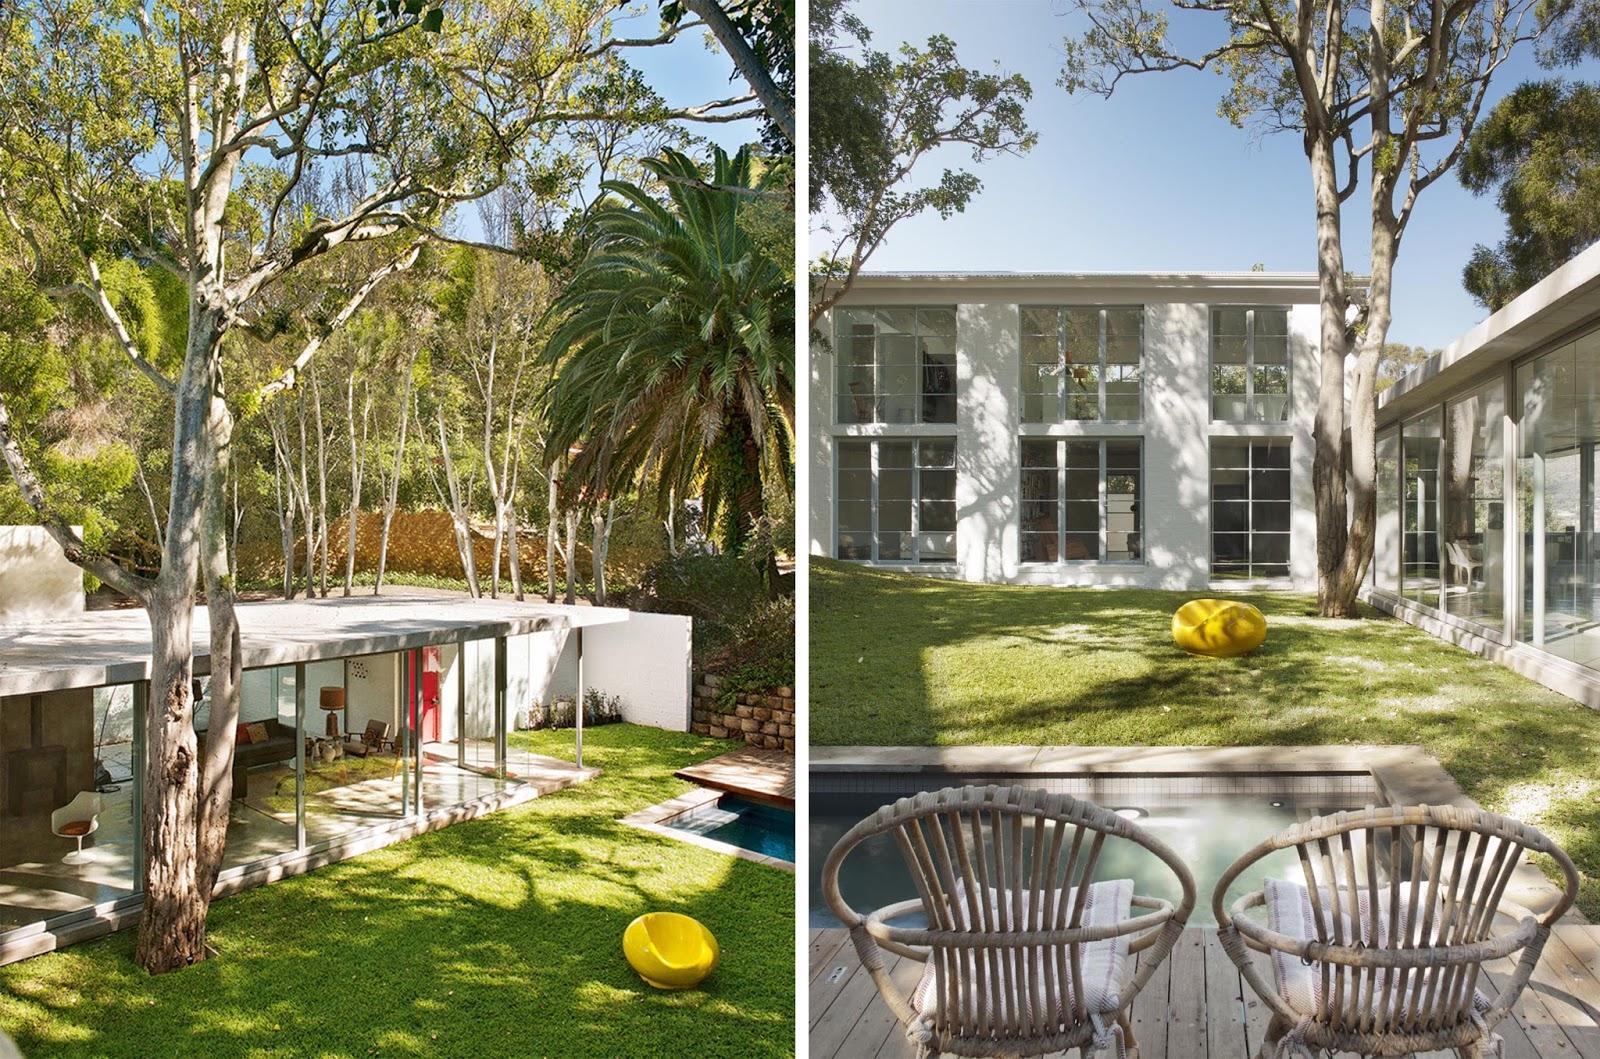 Ross house in sud africa by antonio zaninovic arc art for Semplici piani per la casa del merluzzo cape